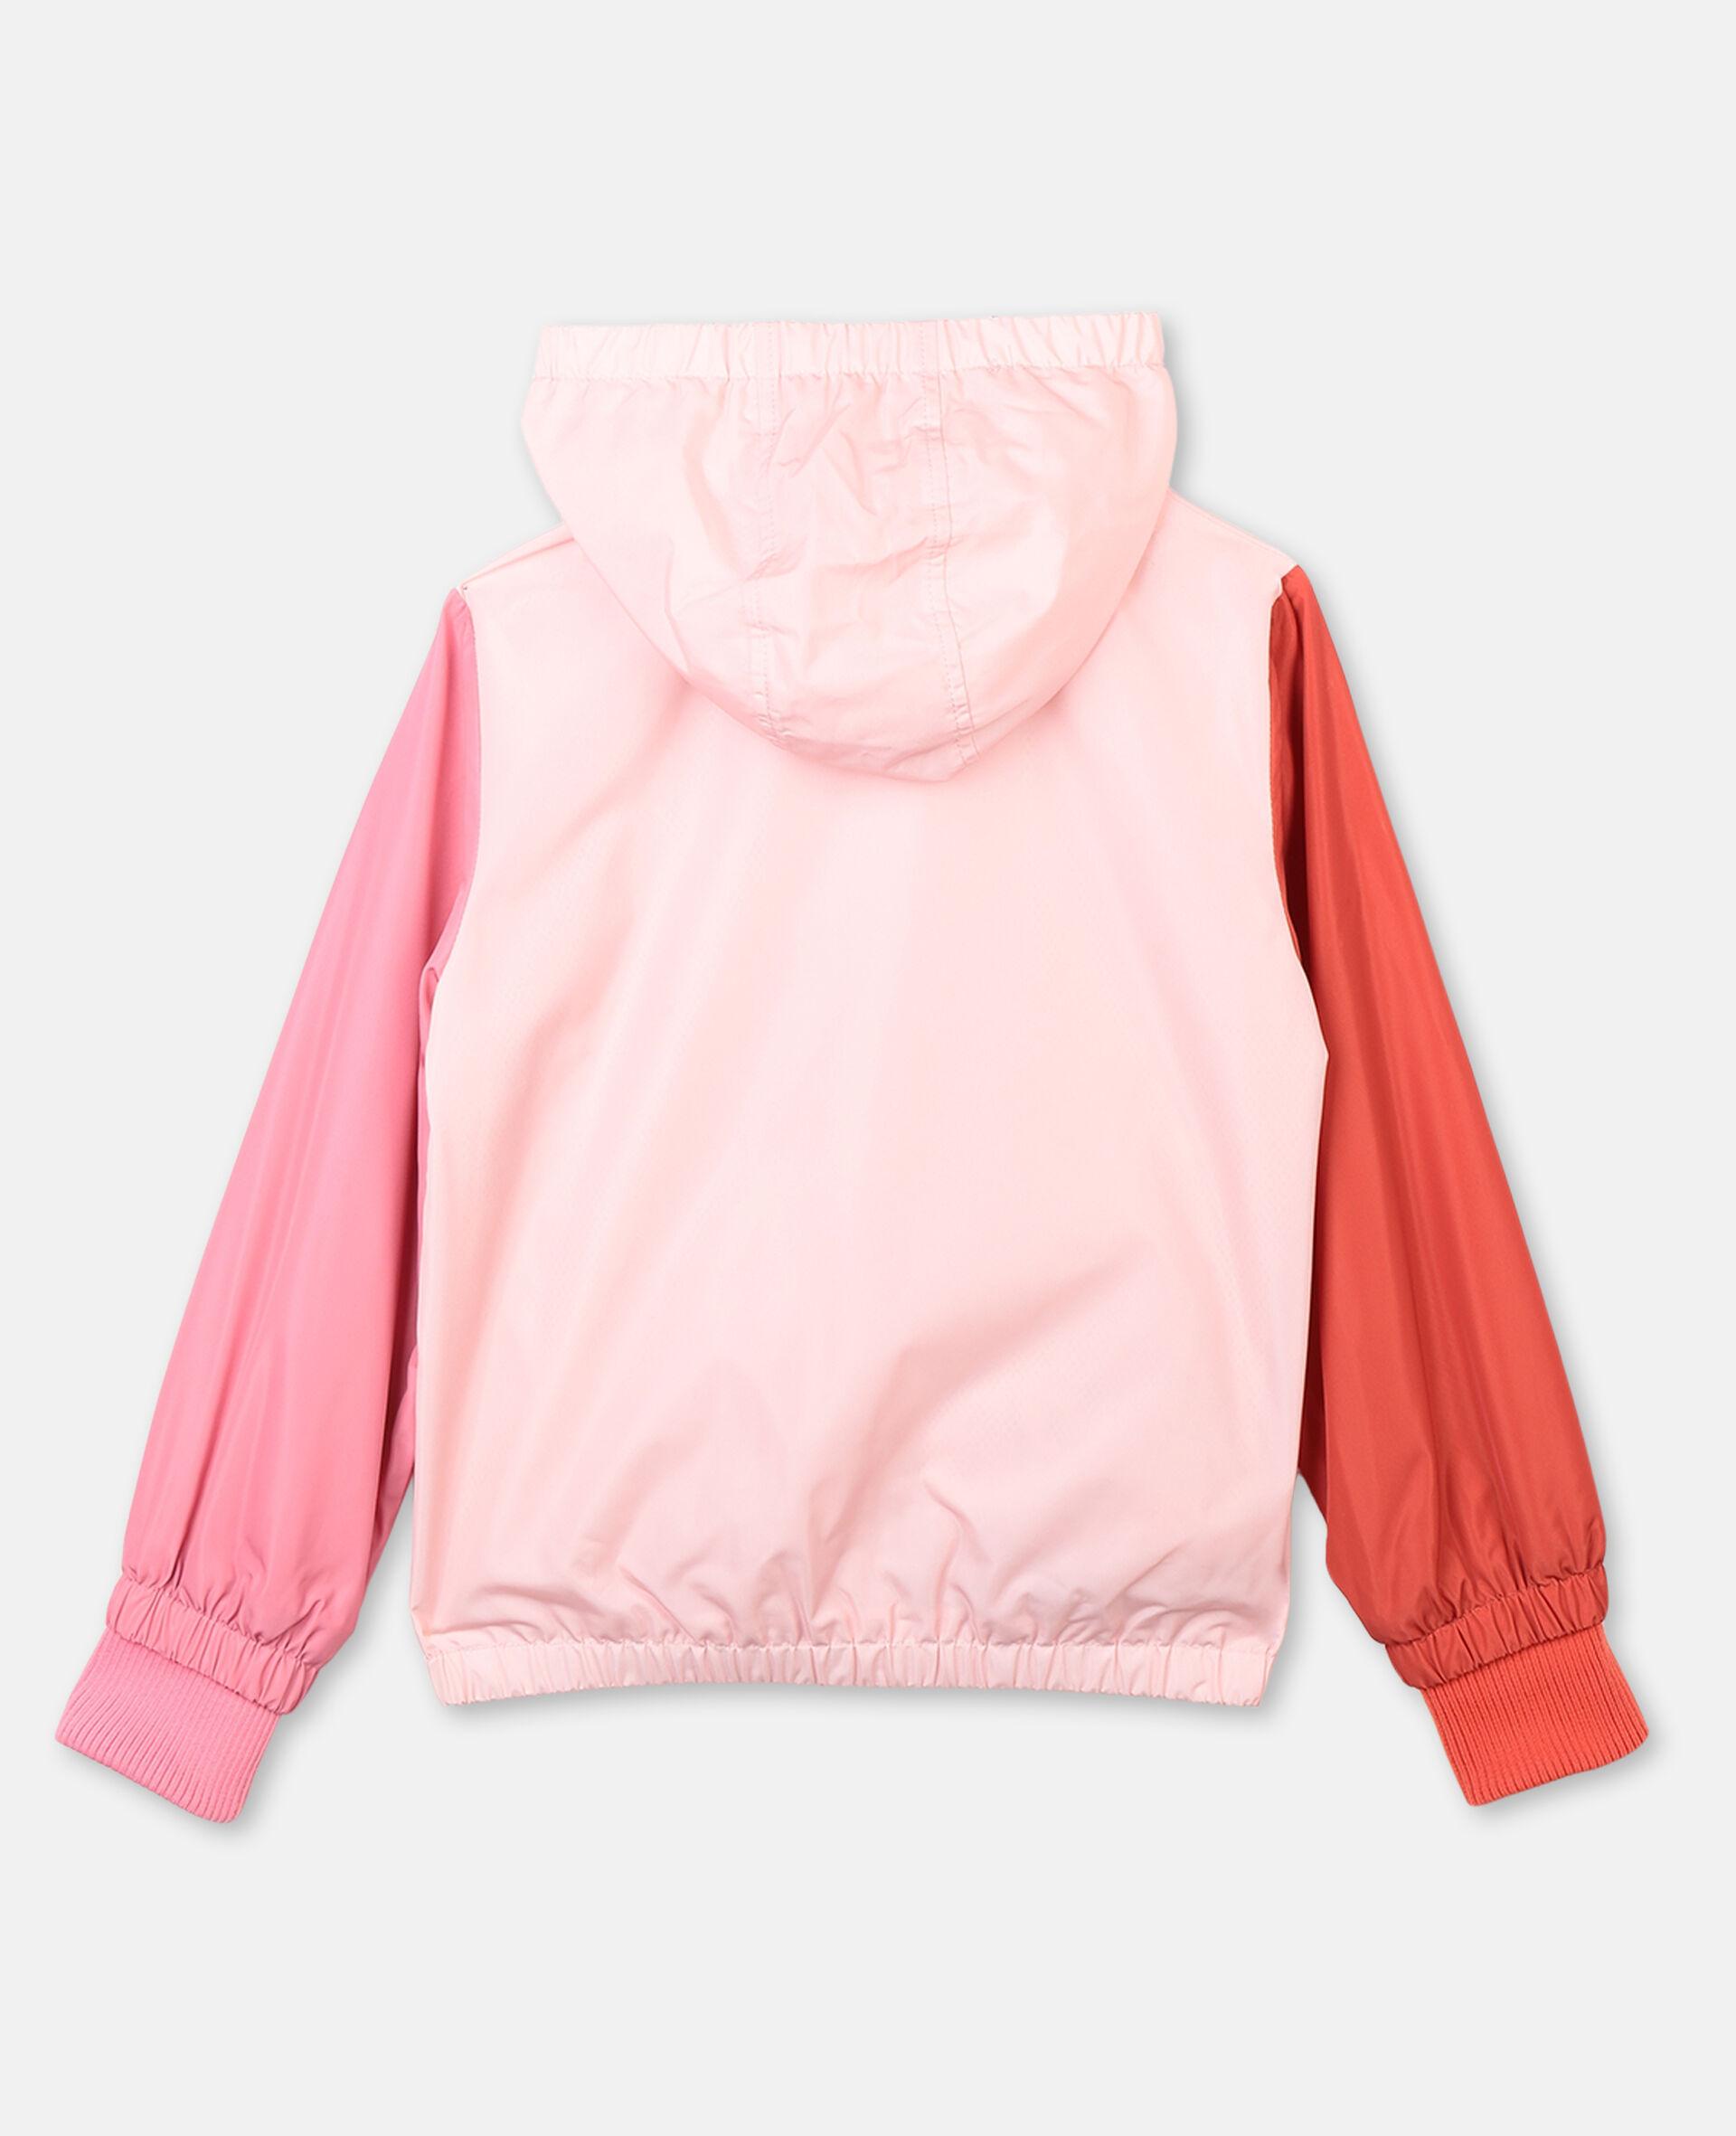 Flamingo连帽夹克 -粉色-large image number 3